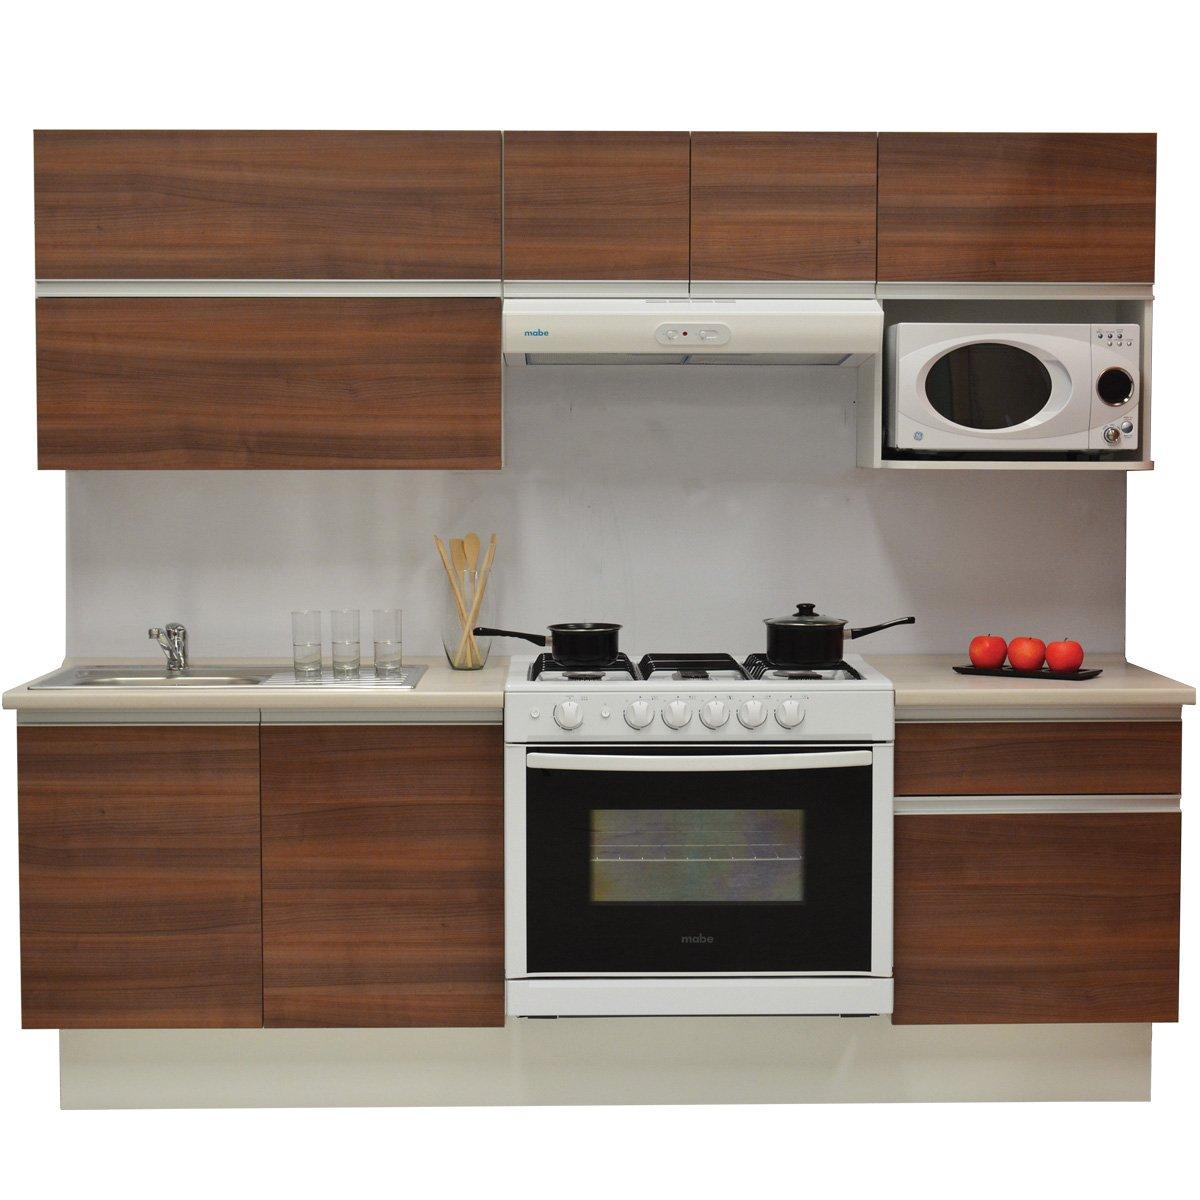 Cocina virginia derecha sears com mx me entiende for Guia mecanica de cocina pdf